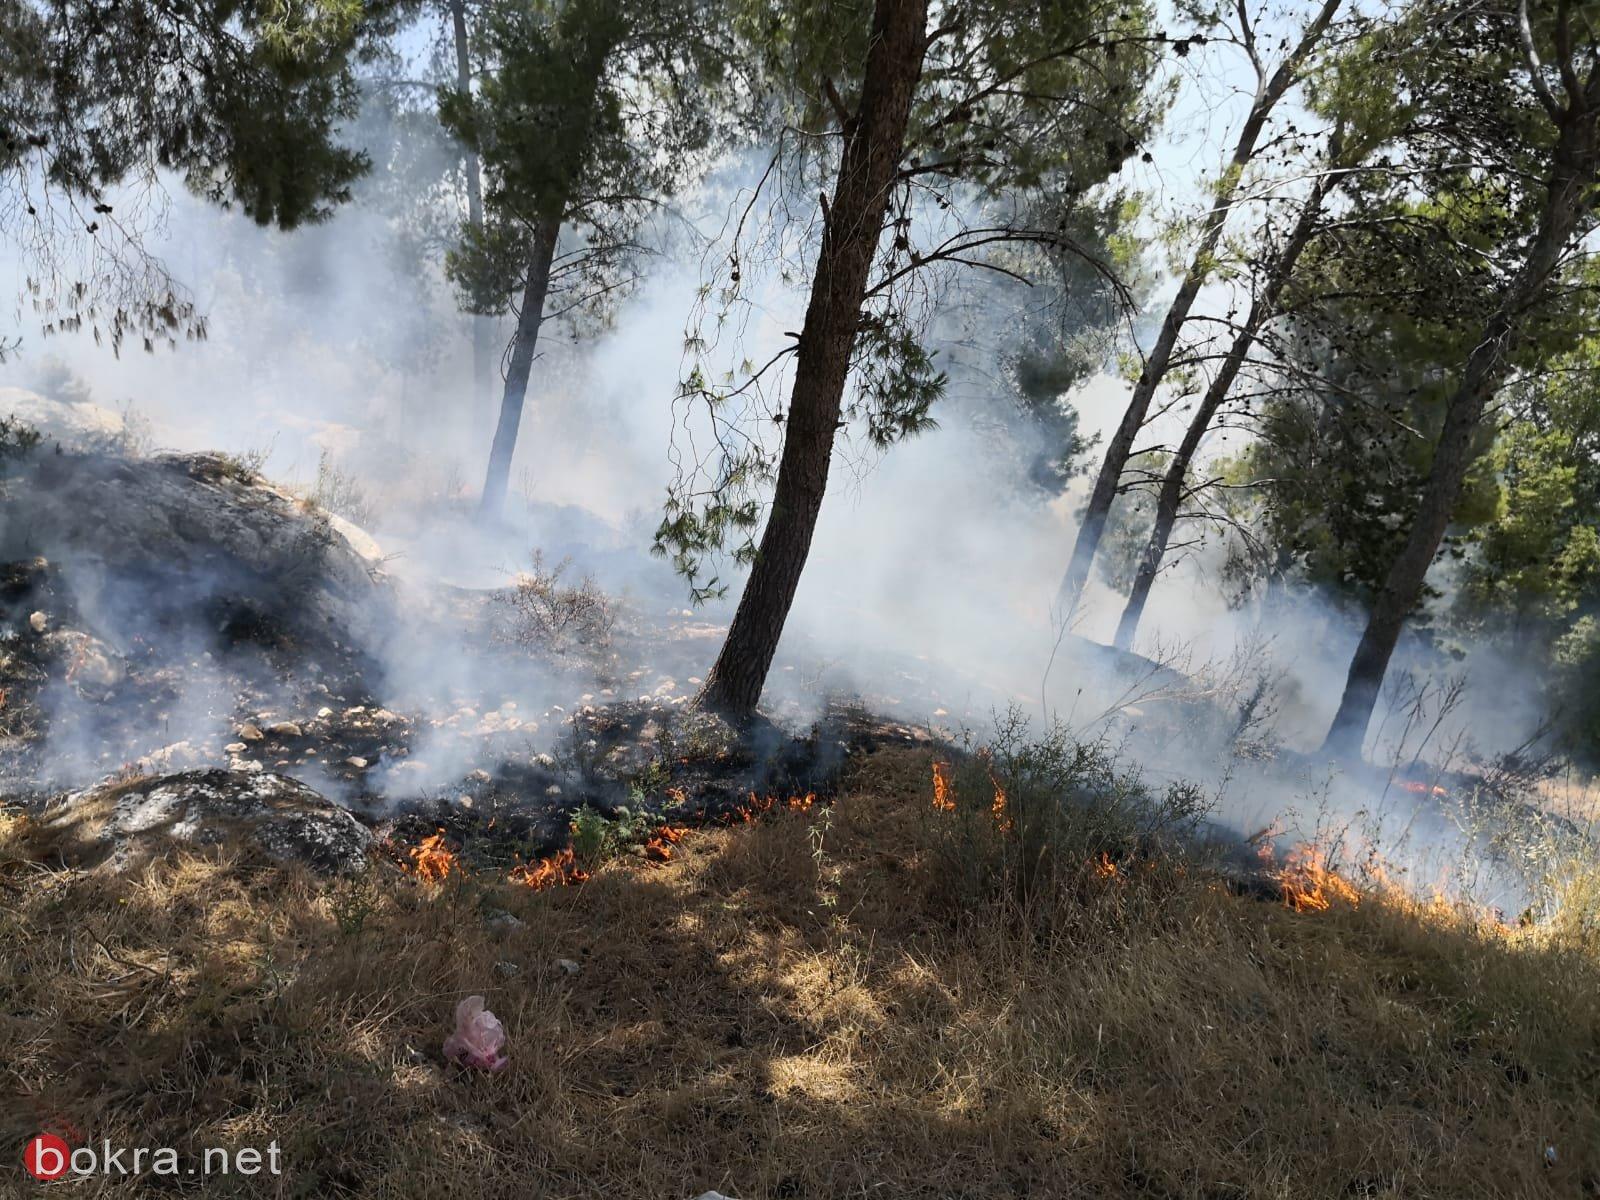 اندلاع حريق في أحراش طنطور قرب كفرياسيف